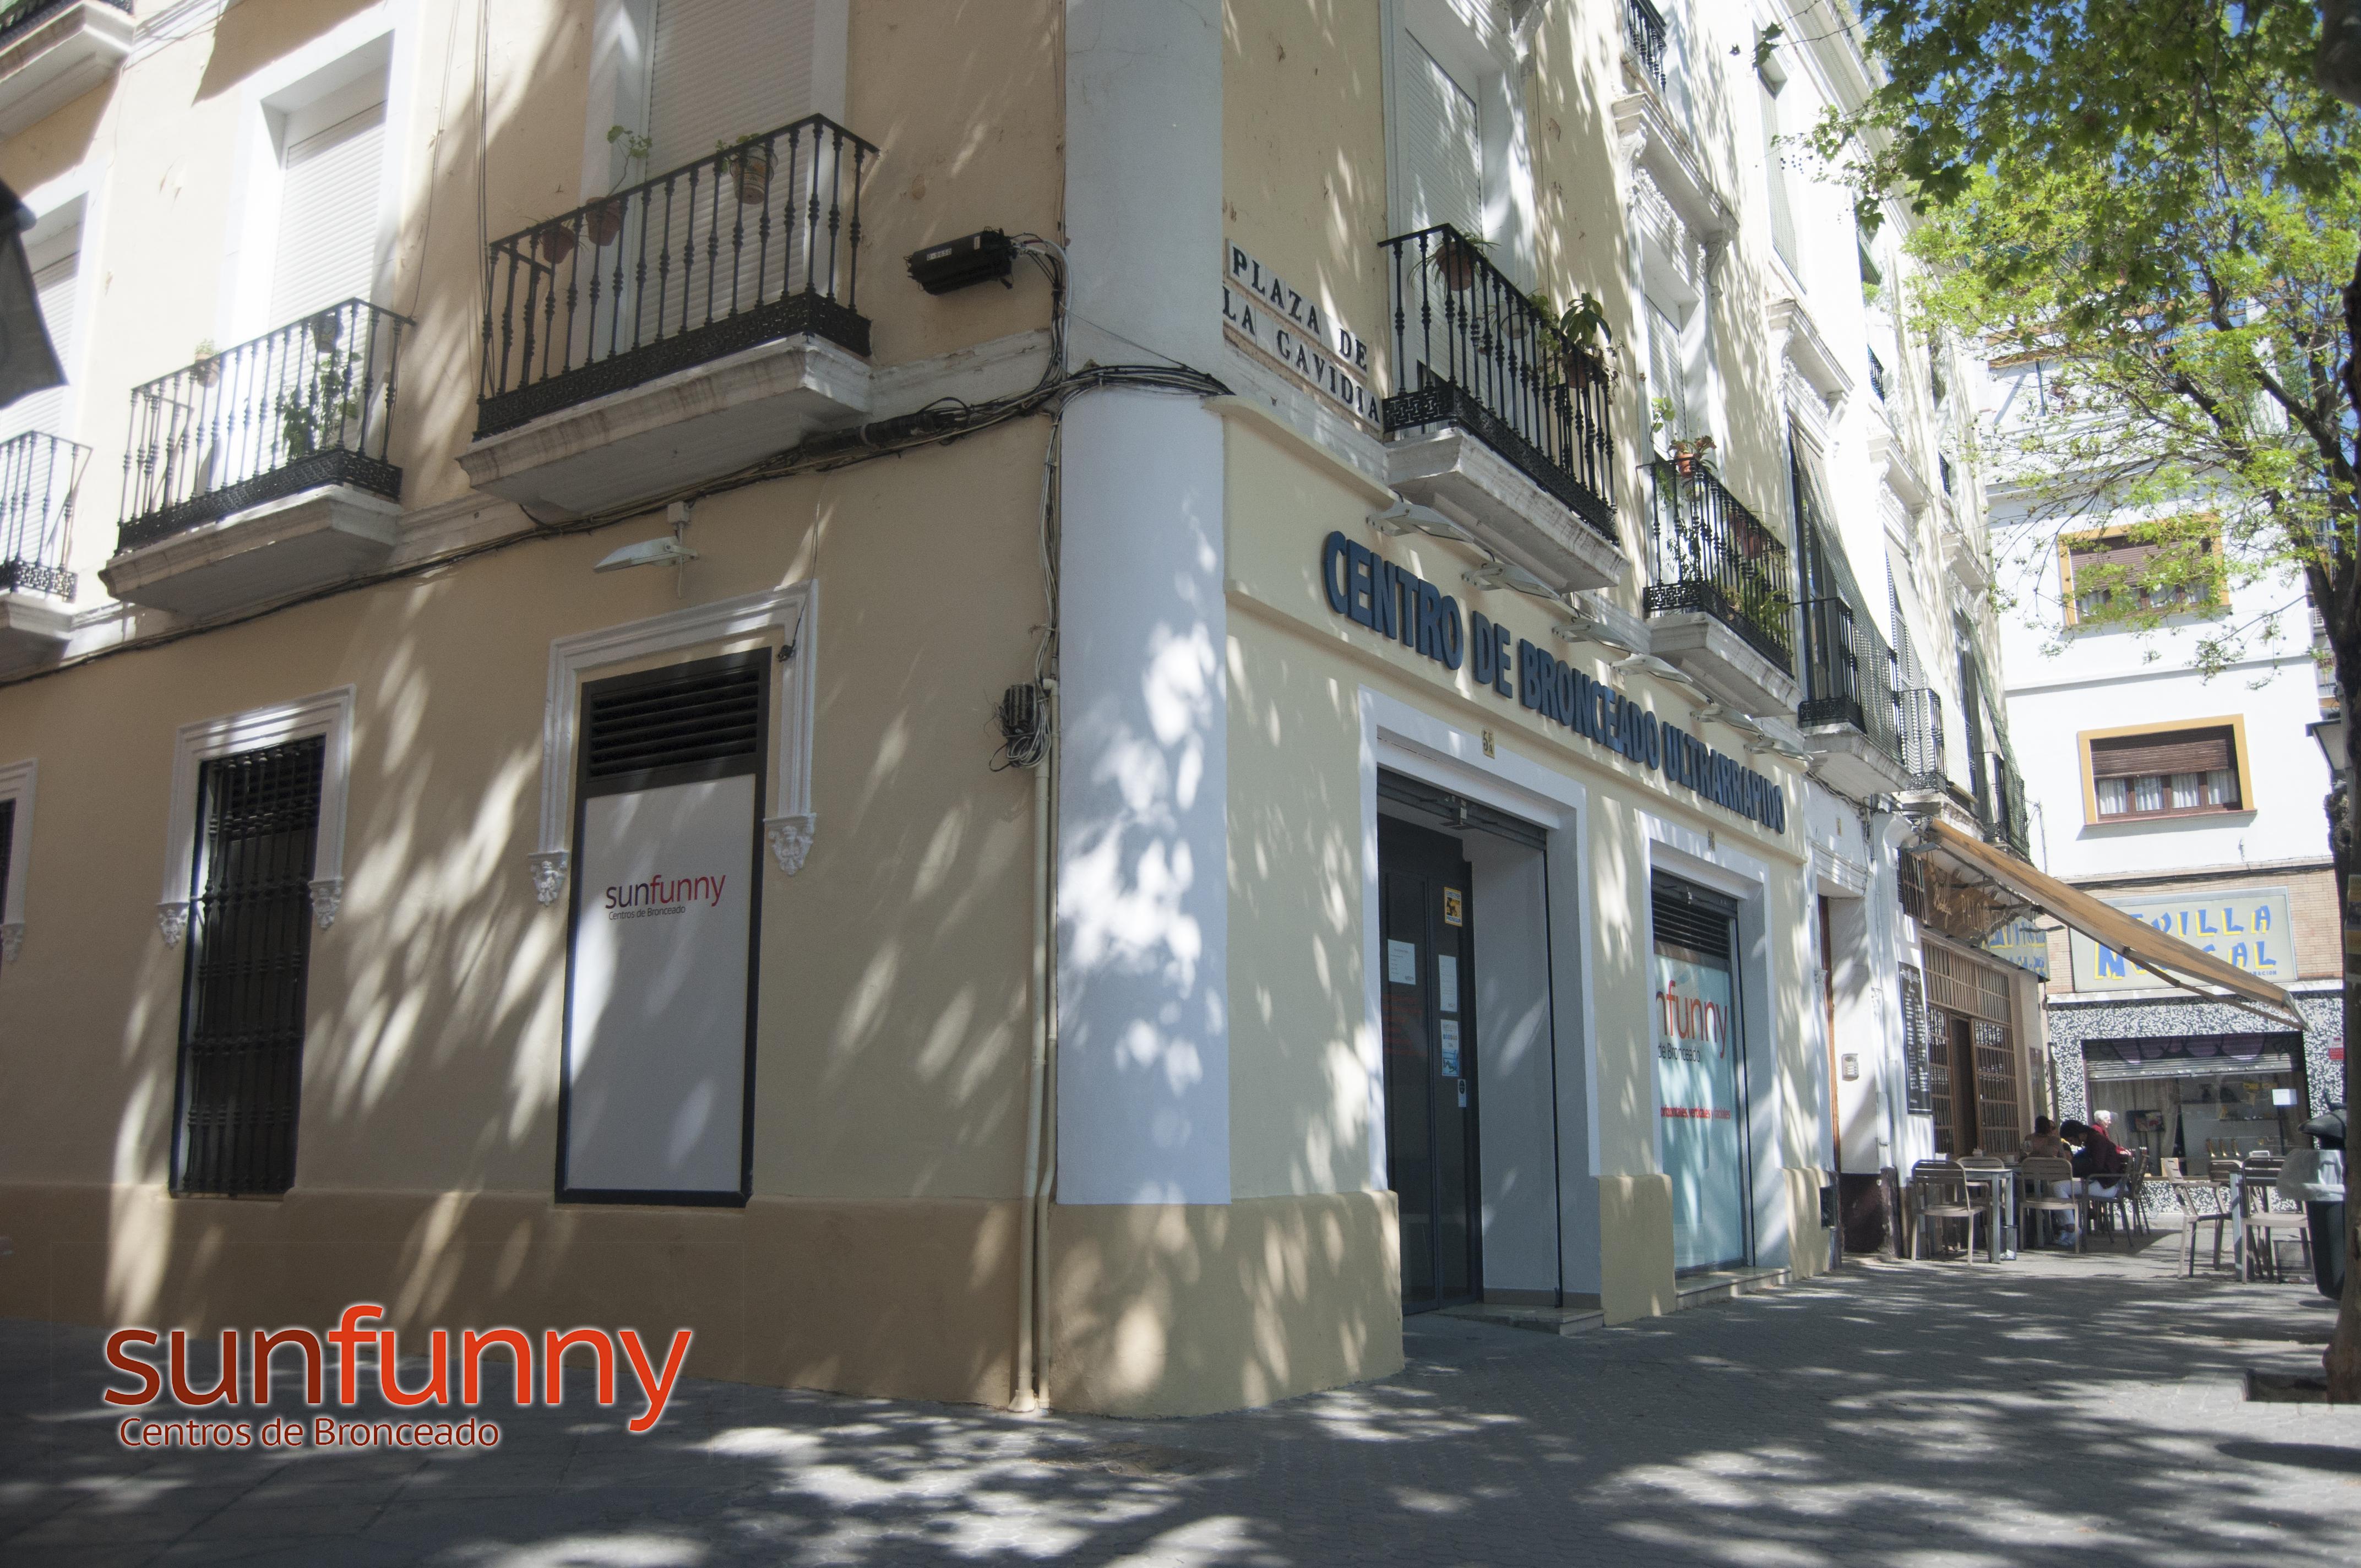 Centro de bronceado en el centro de Sevilla